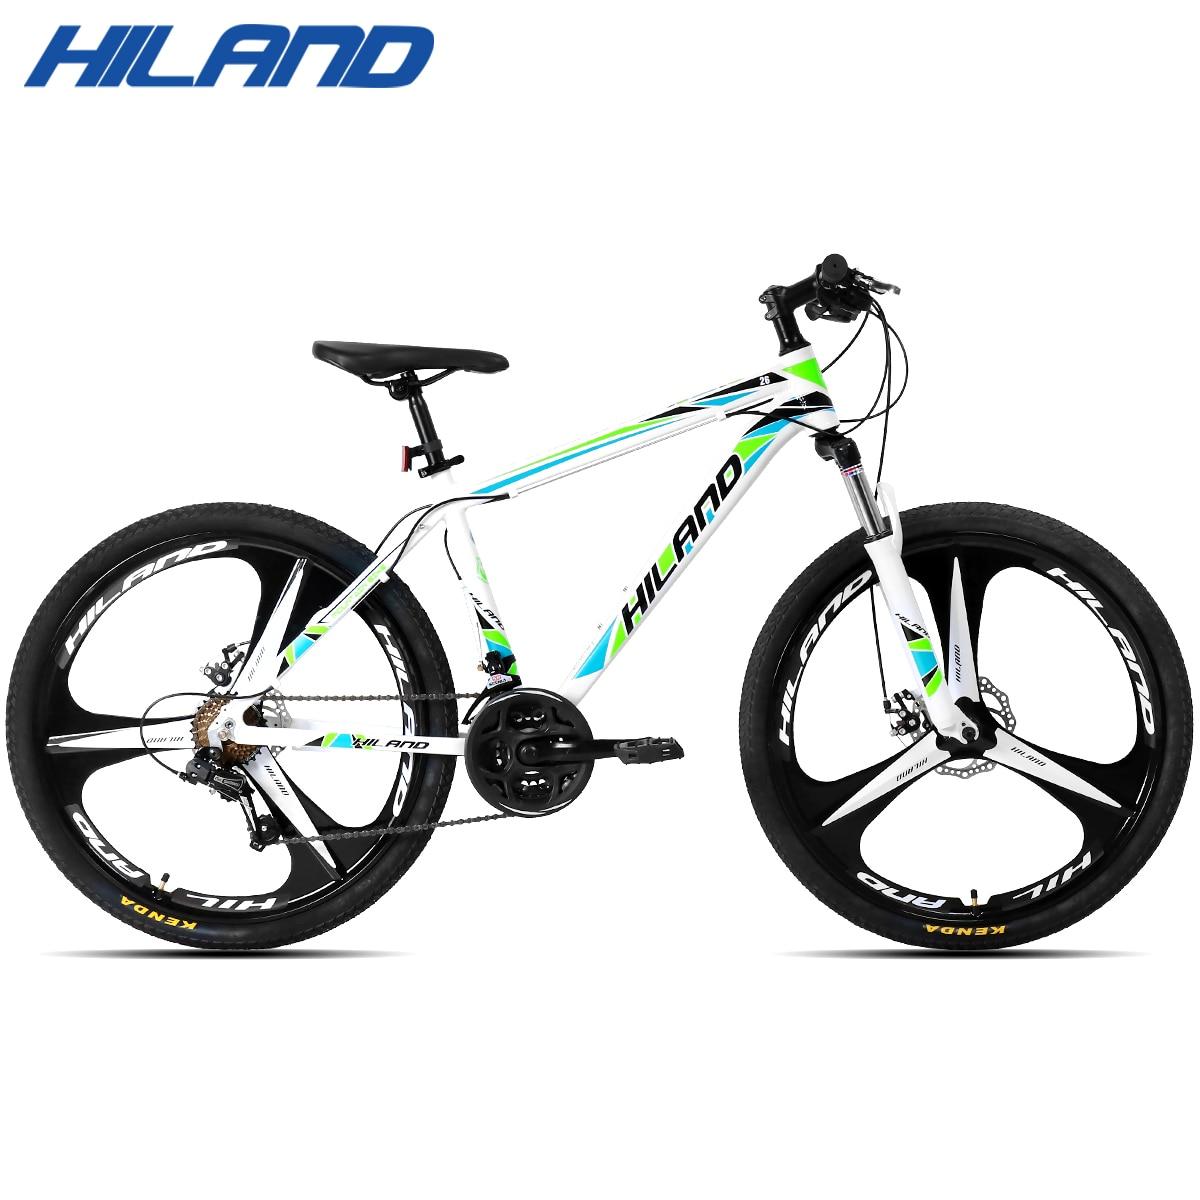 HILAND 21 vitesses en alliage d'aluminium VTT, vélo à Suspension adulte, avec Shimano Tourney et Microshift manette de vitesse livraison gratuite